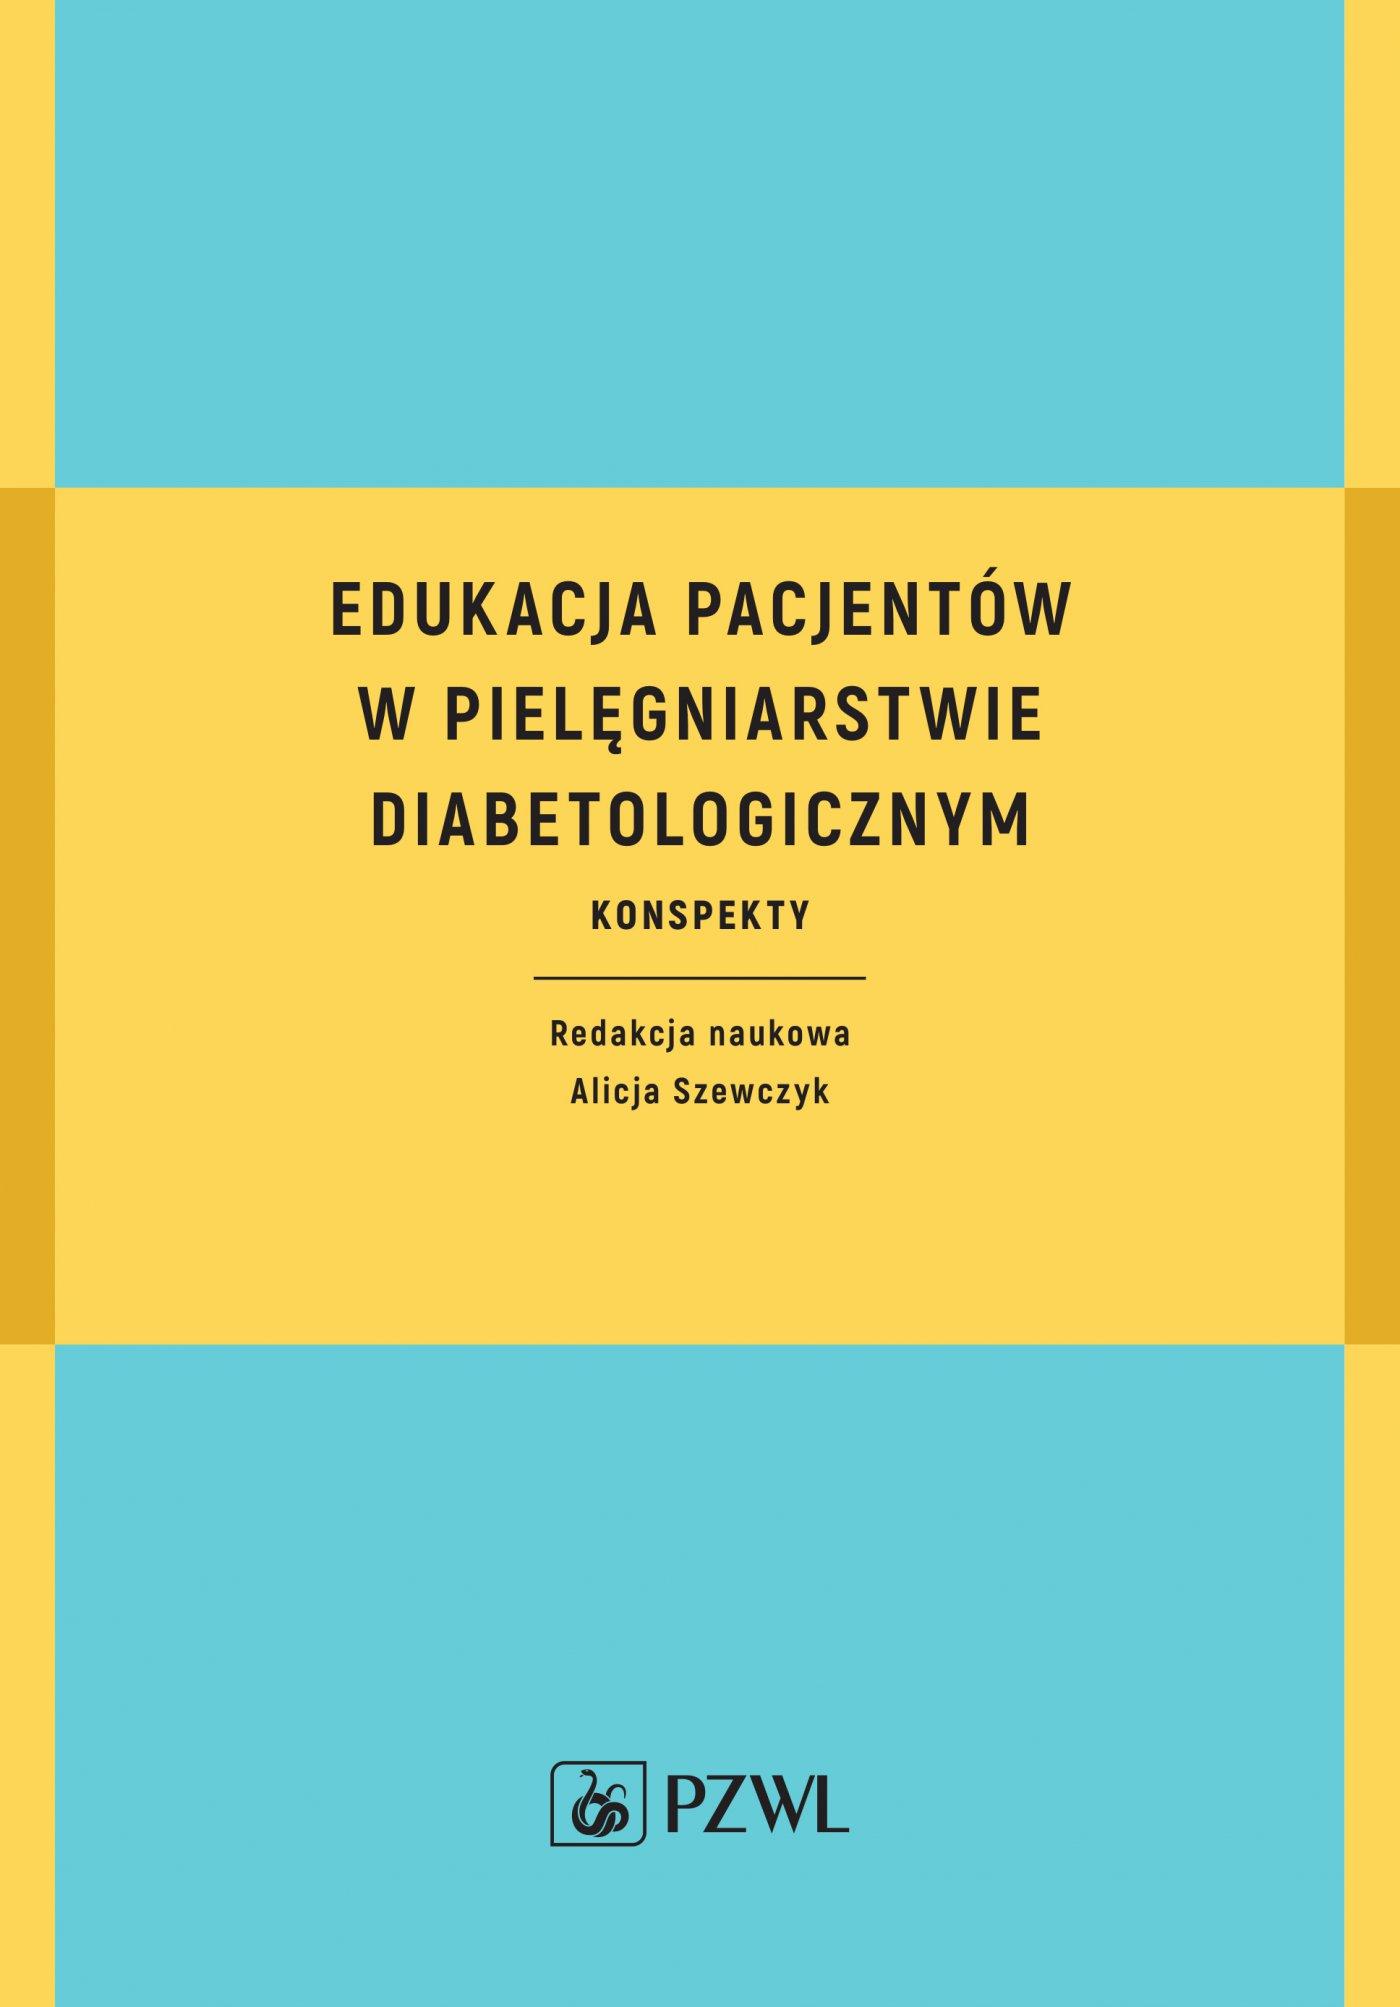 Edukacja pacjentów w pielęgniarstwie diabetologicznym. Konspekty - Ebook (Książka EPUB) do pobrania w formacie EPUB